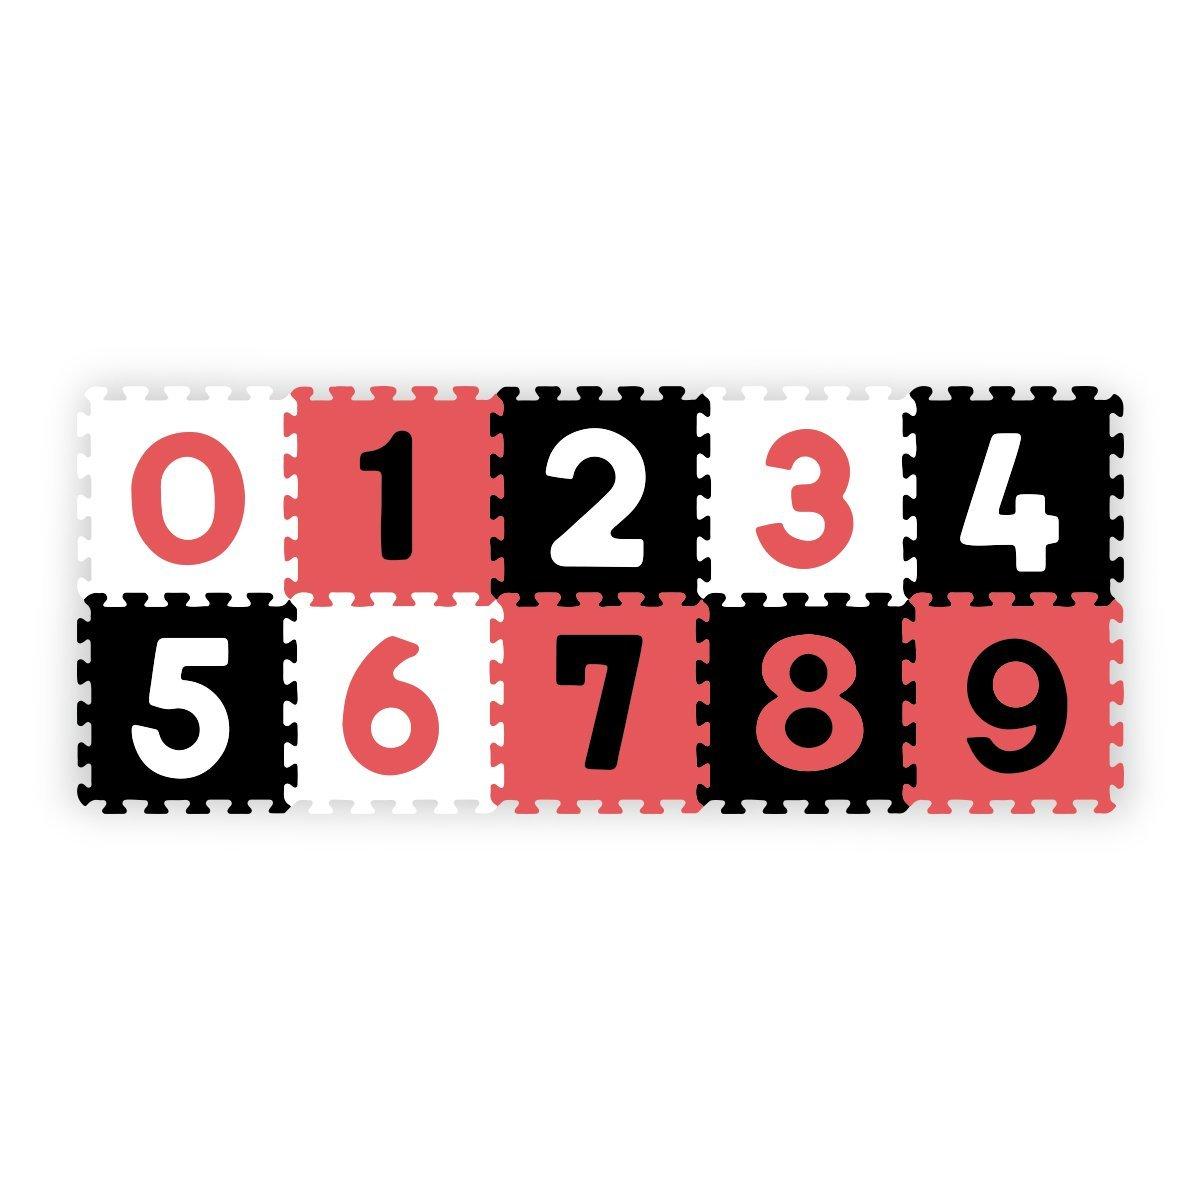 Pмnovй puzzle инsla modro-иerno-bнlб - zvдиљiќ obrбzok